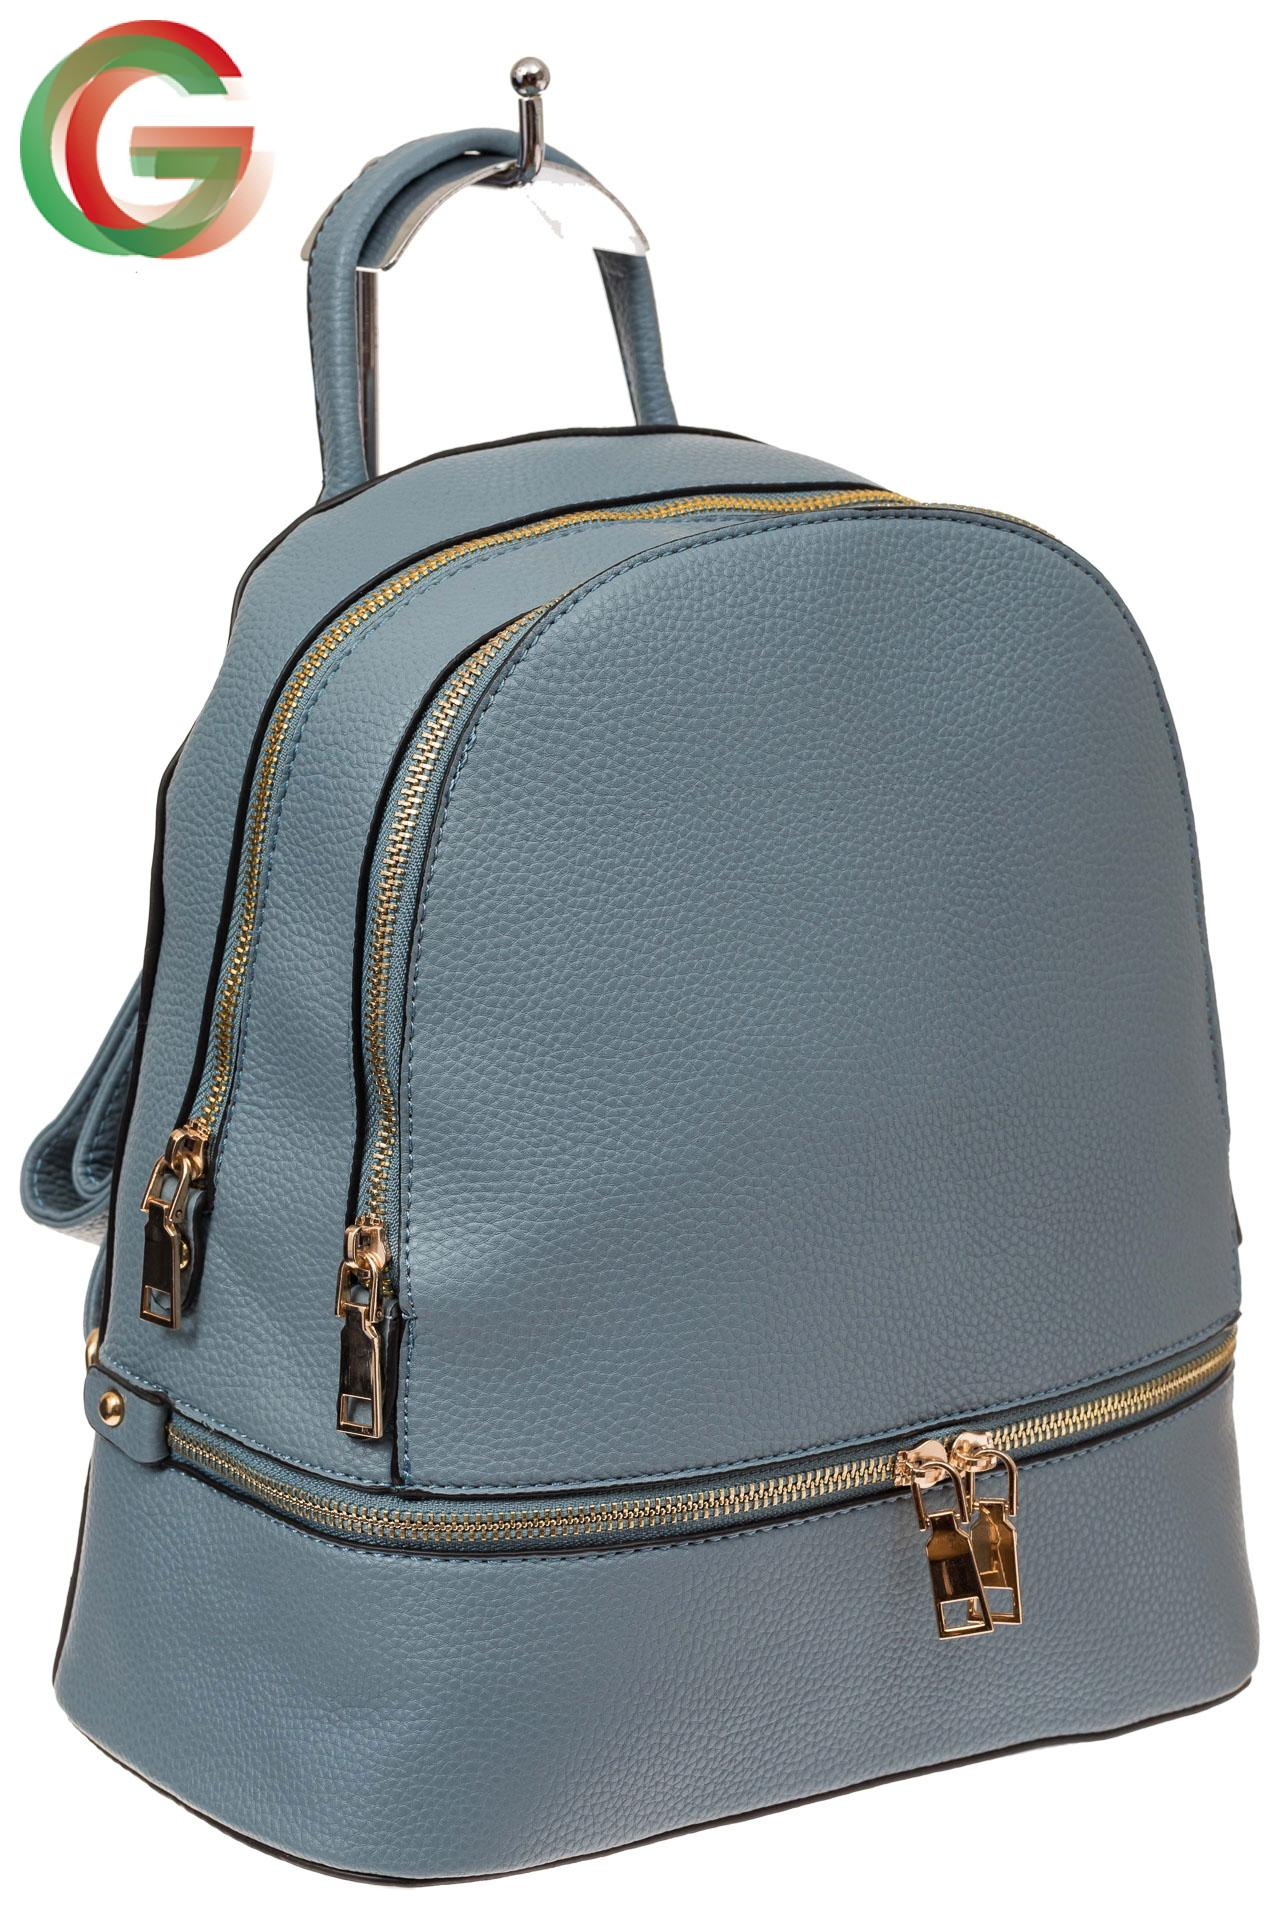 0397bf2592e0 Женский рюкзачок из искусственной кожи, цвет серо-голубой